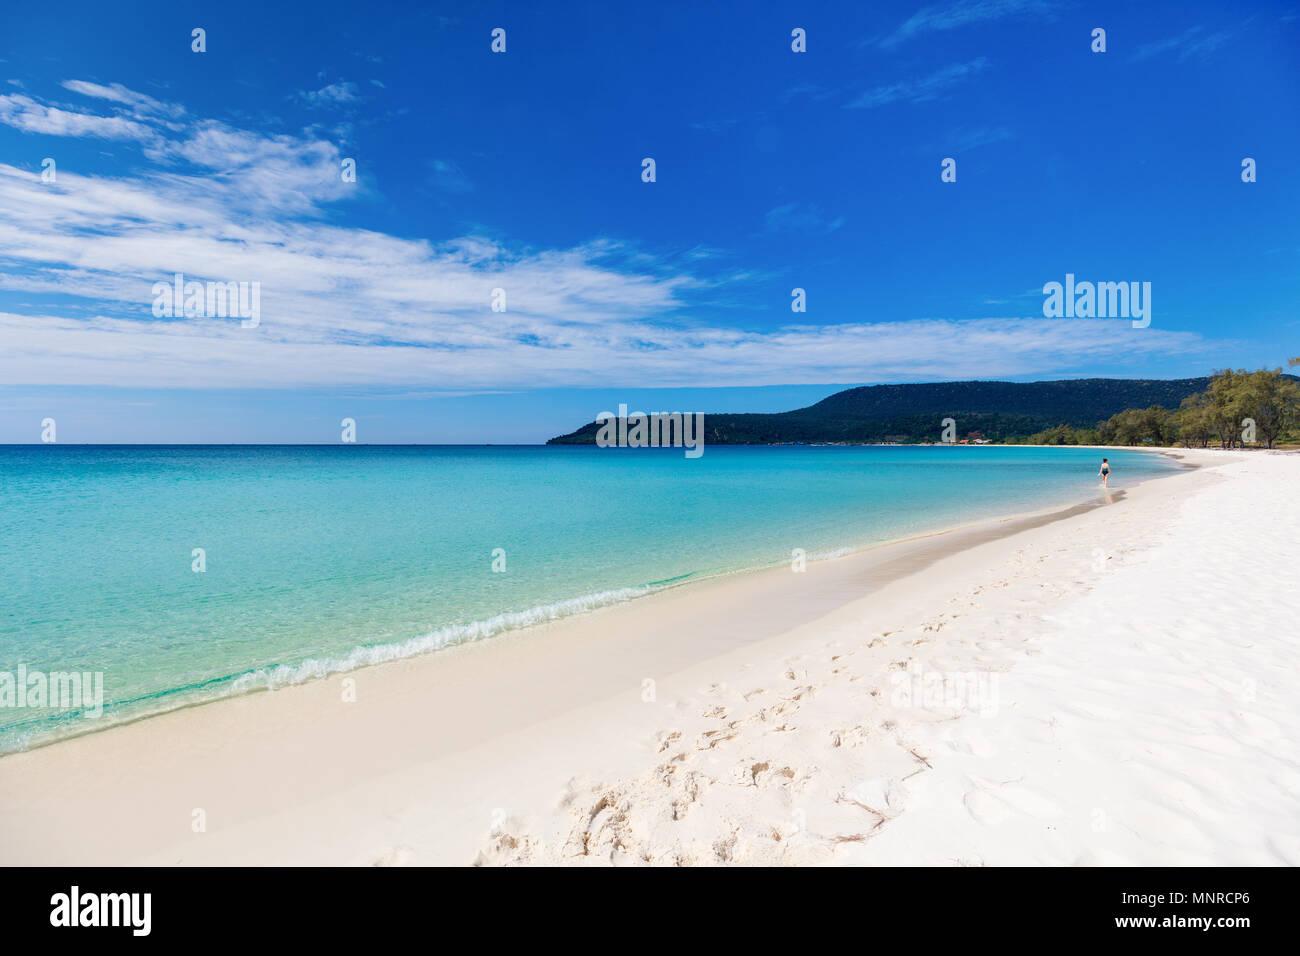 Fotografía de paisaje hermoso exótica playa de arena blanca en la isla de Koh Rong en Camboya Foto de stock